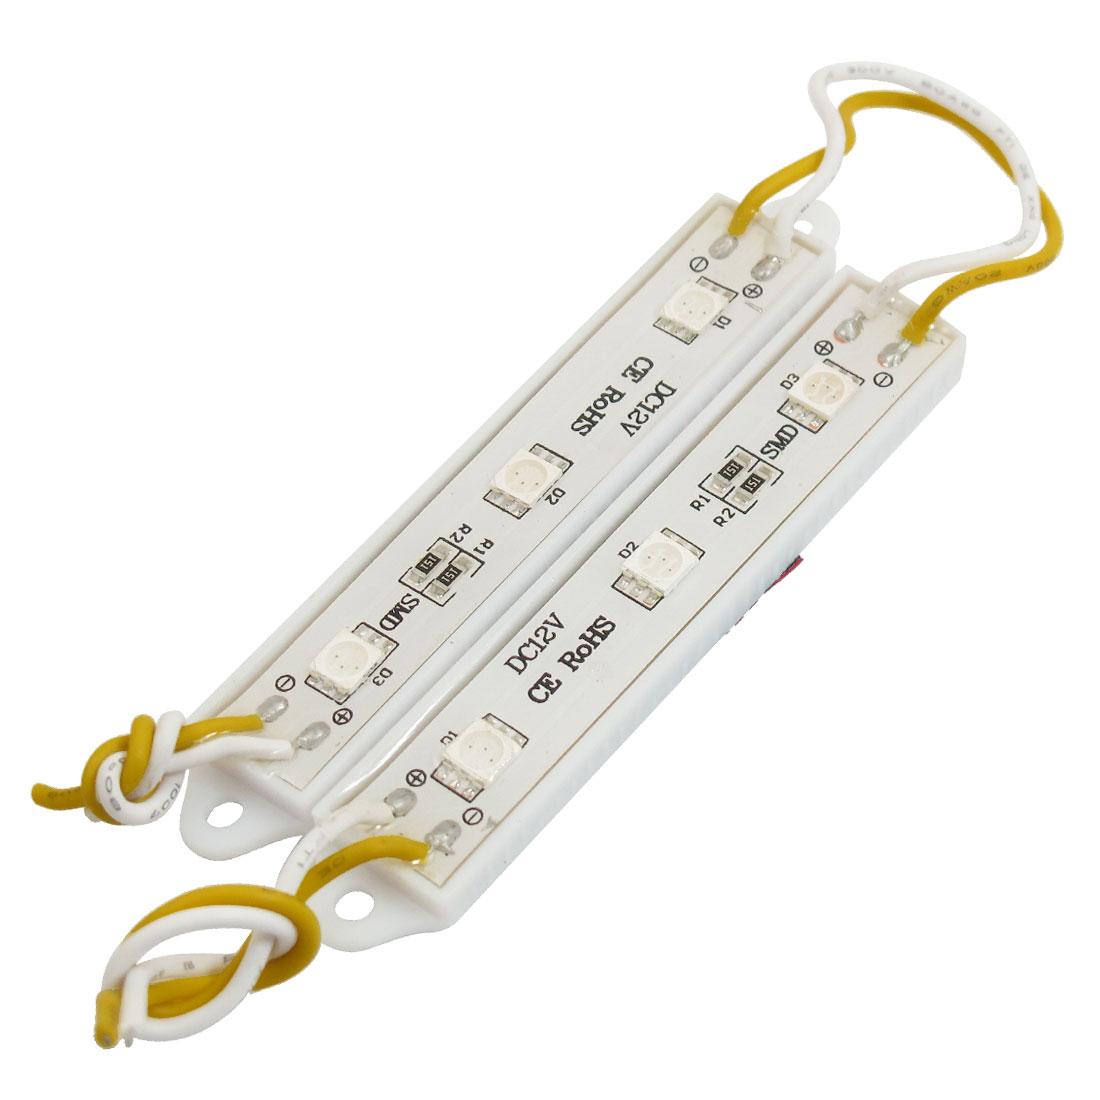 Channel Letter 5050 SMD 6 LEDs Orange Light Modules 0.75W DC12V